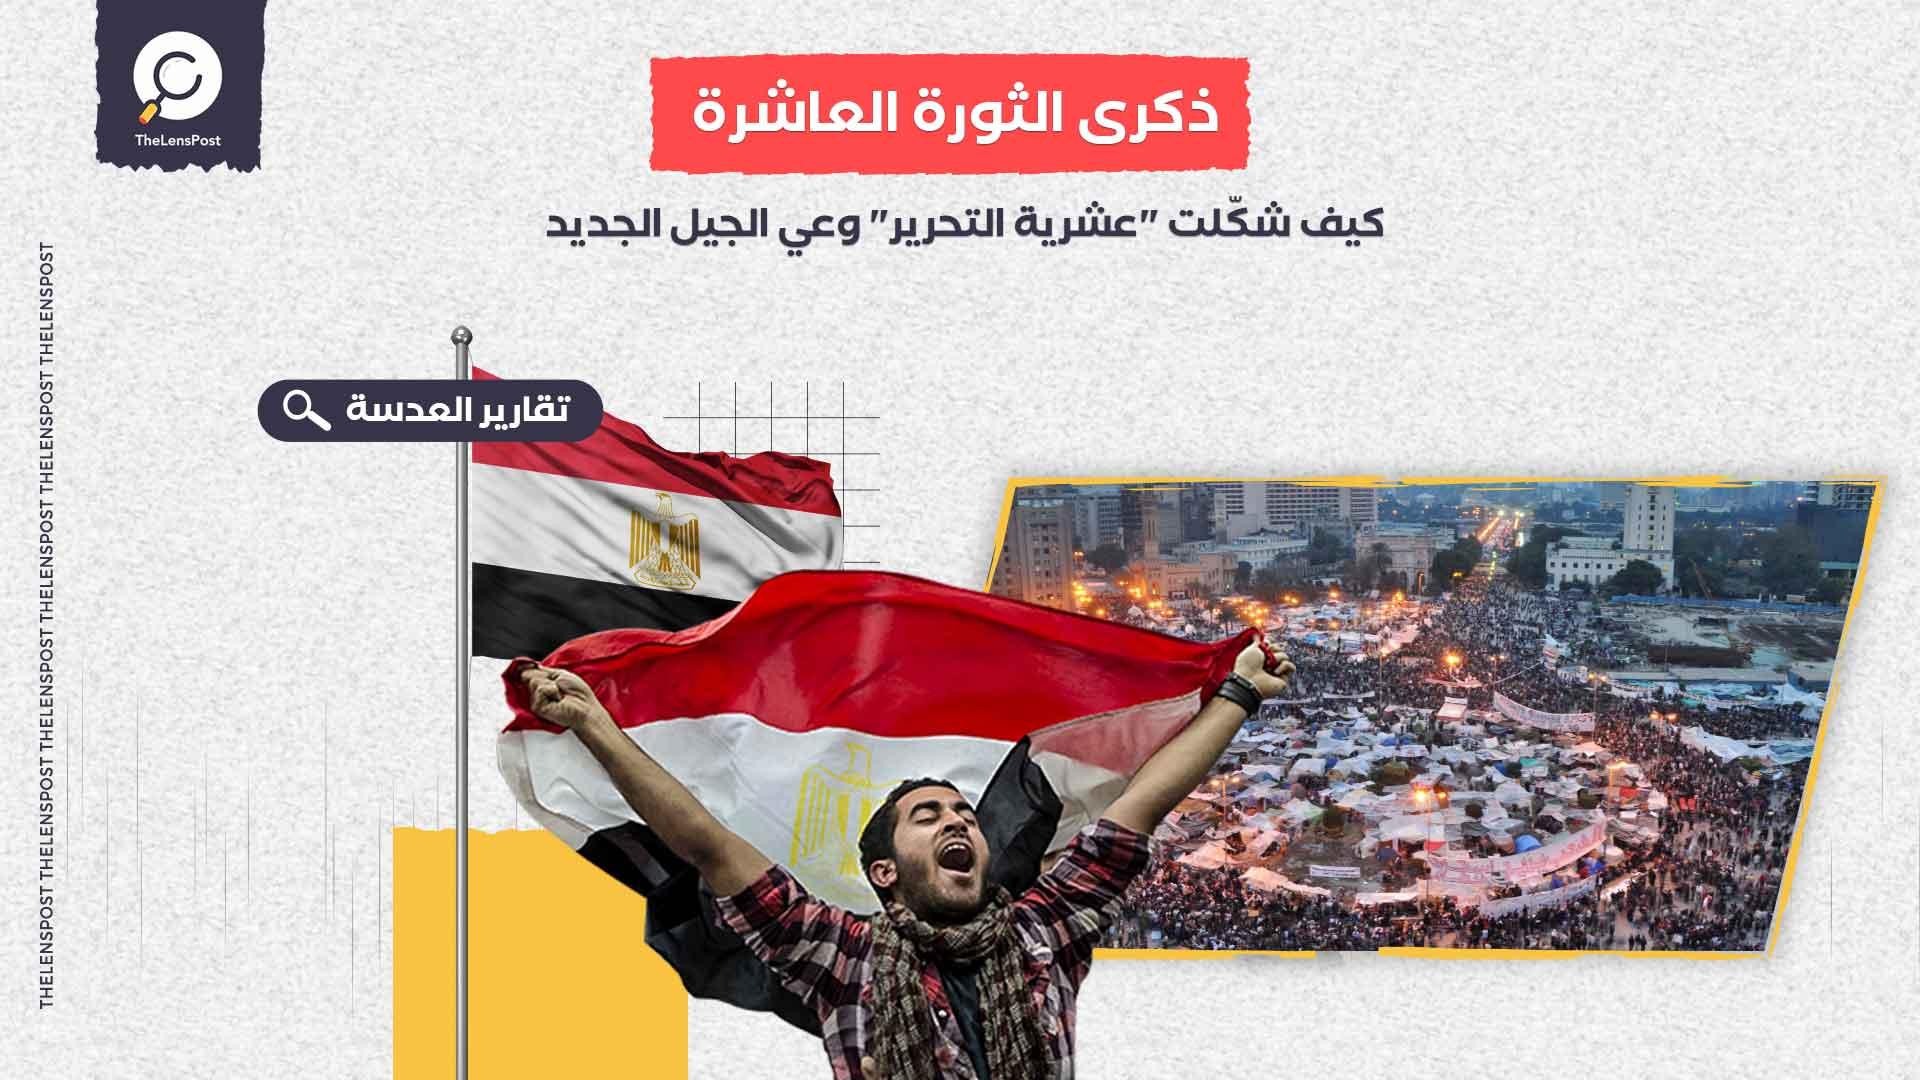 """الذكرى العاشرة لثورة يناير.. كيف أثرت """"عشرية التحرير"""" على الجيل الصاعد؟"""